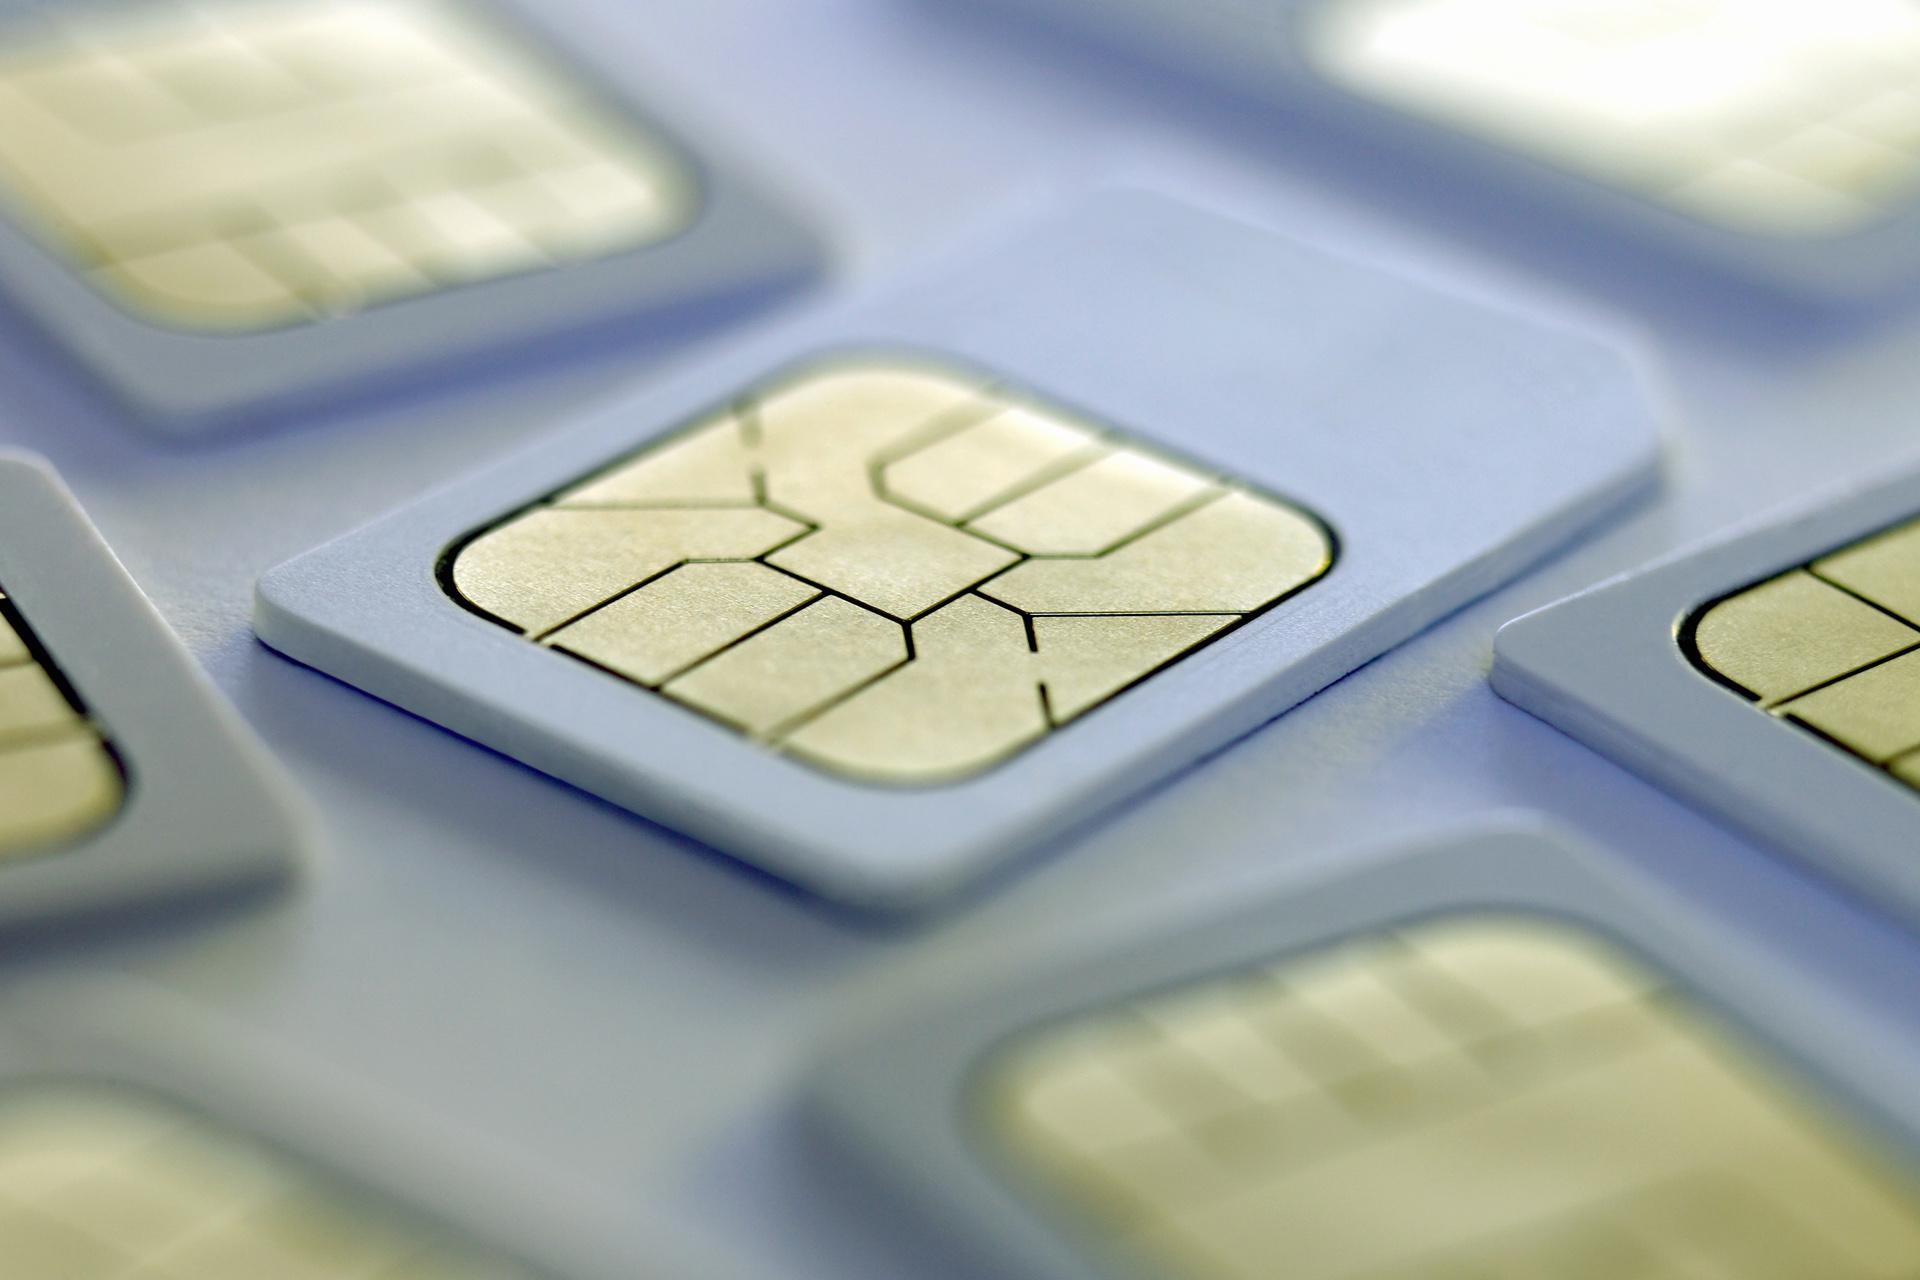 «SIM-карти за паспортом». В Україні хочуть знову повернутися до обов'язкової ідентифікації абонентів